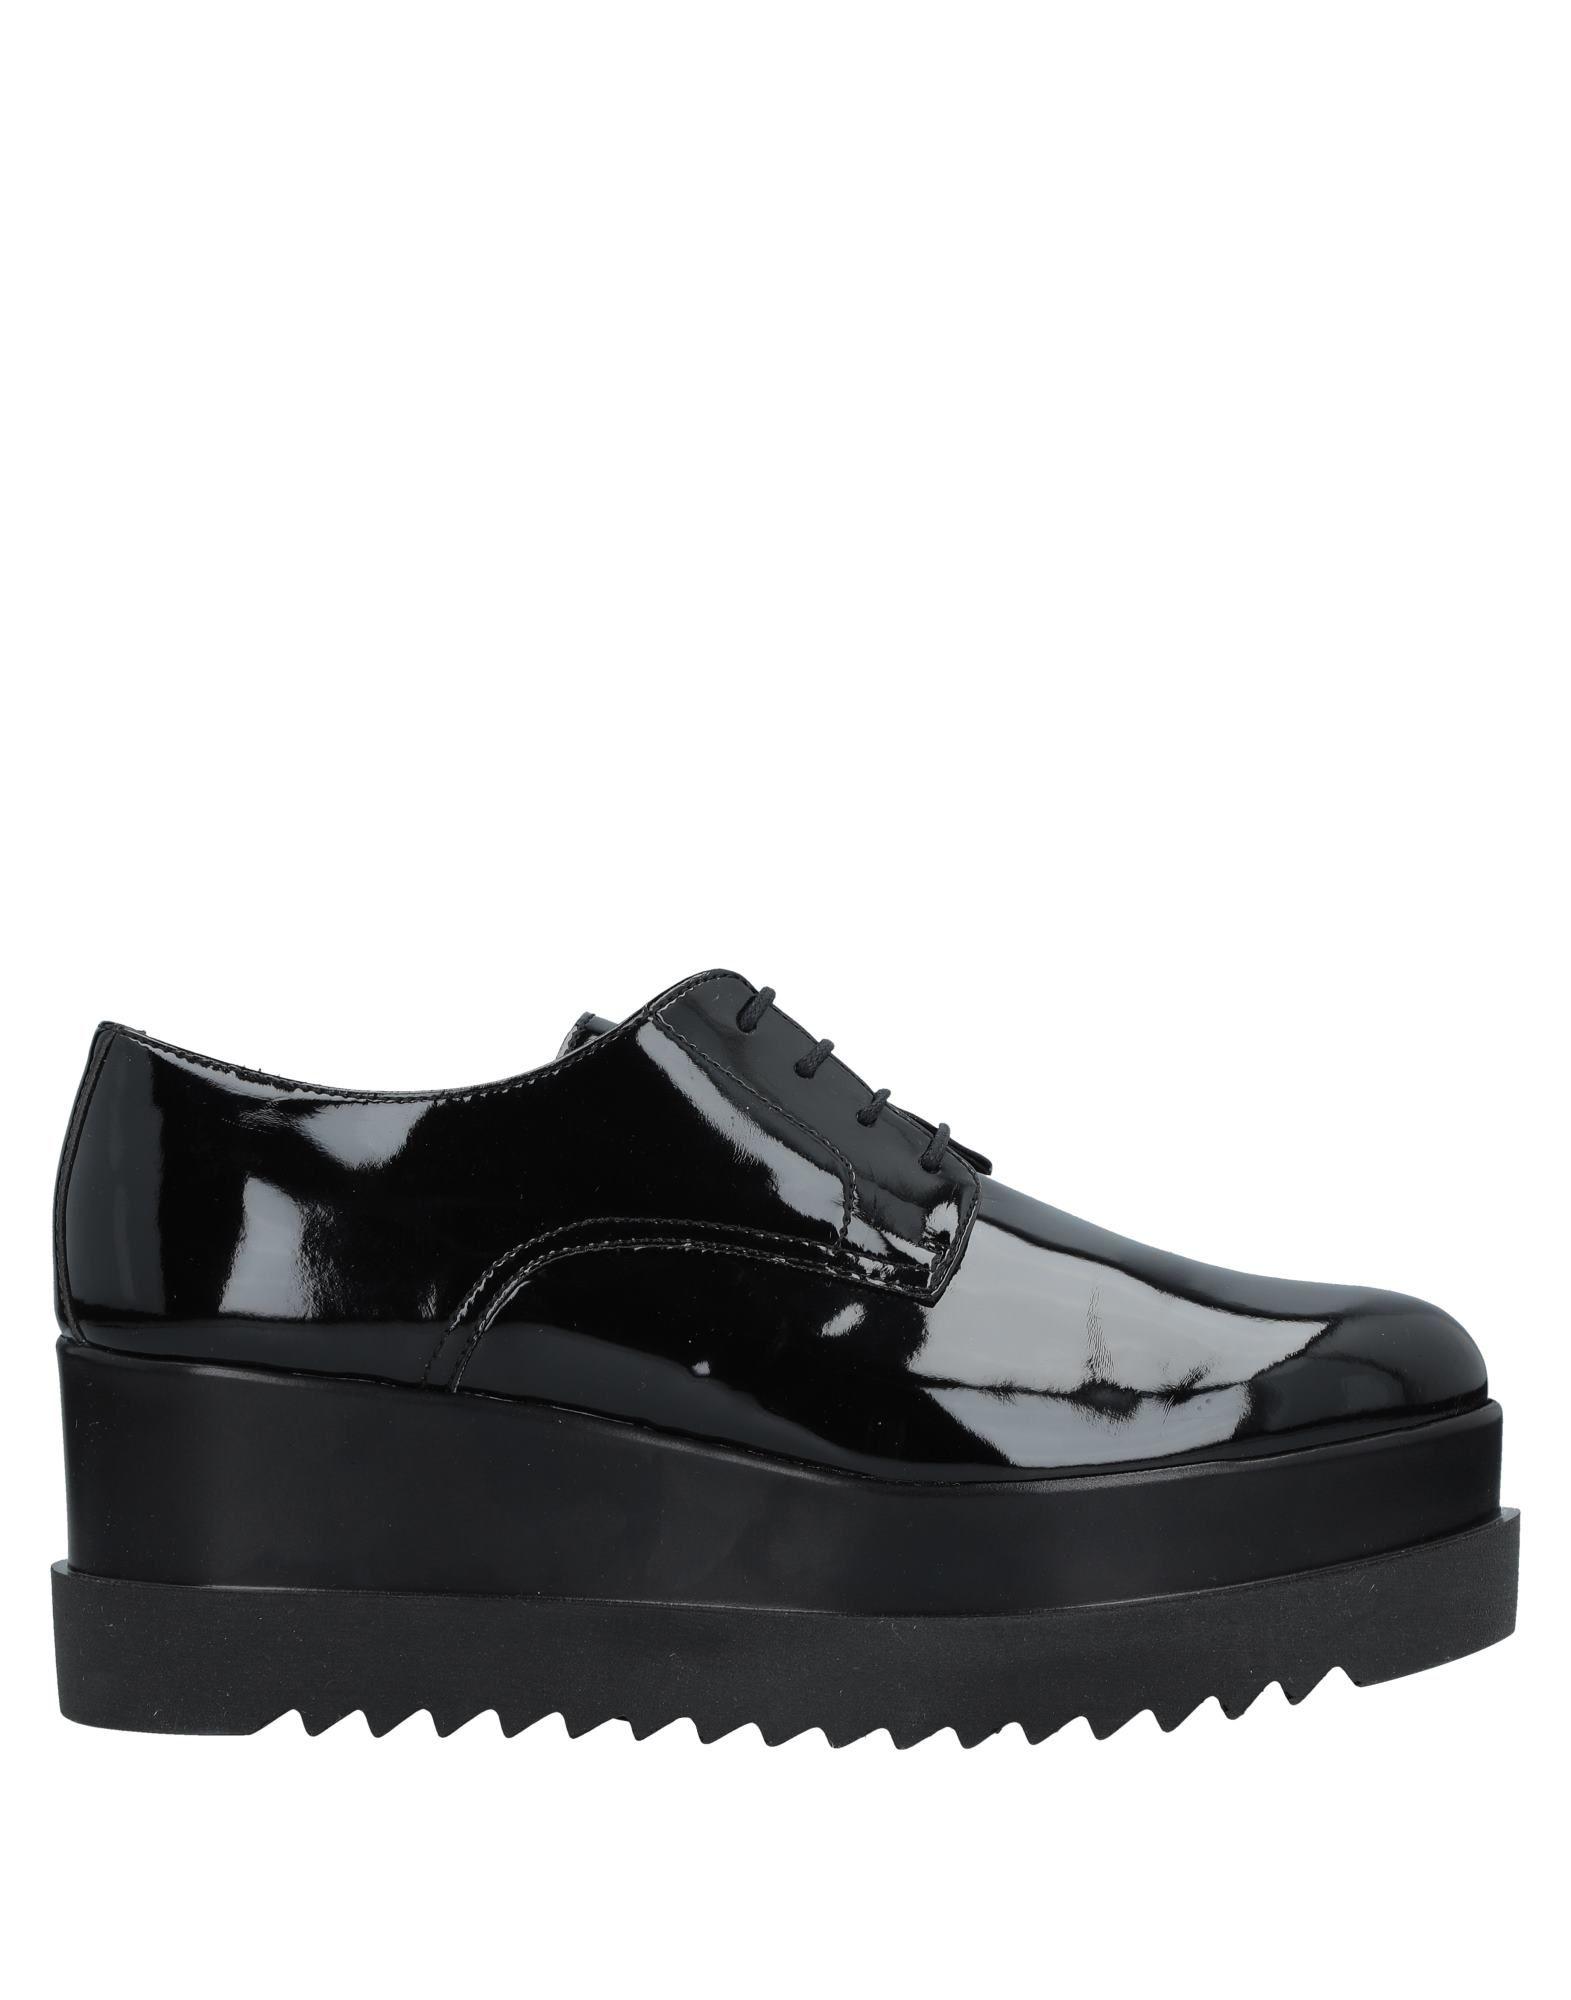 Fiamme Schnürschuhe Damen  11525960NH Gute Qualität beliebte Schuhe